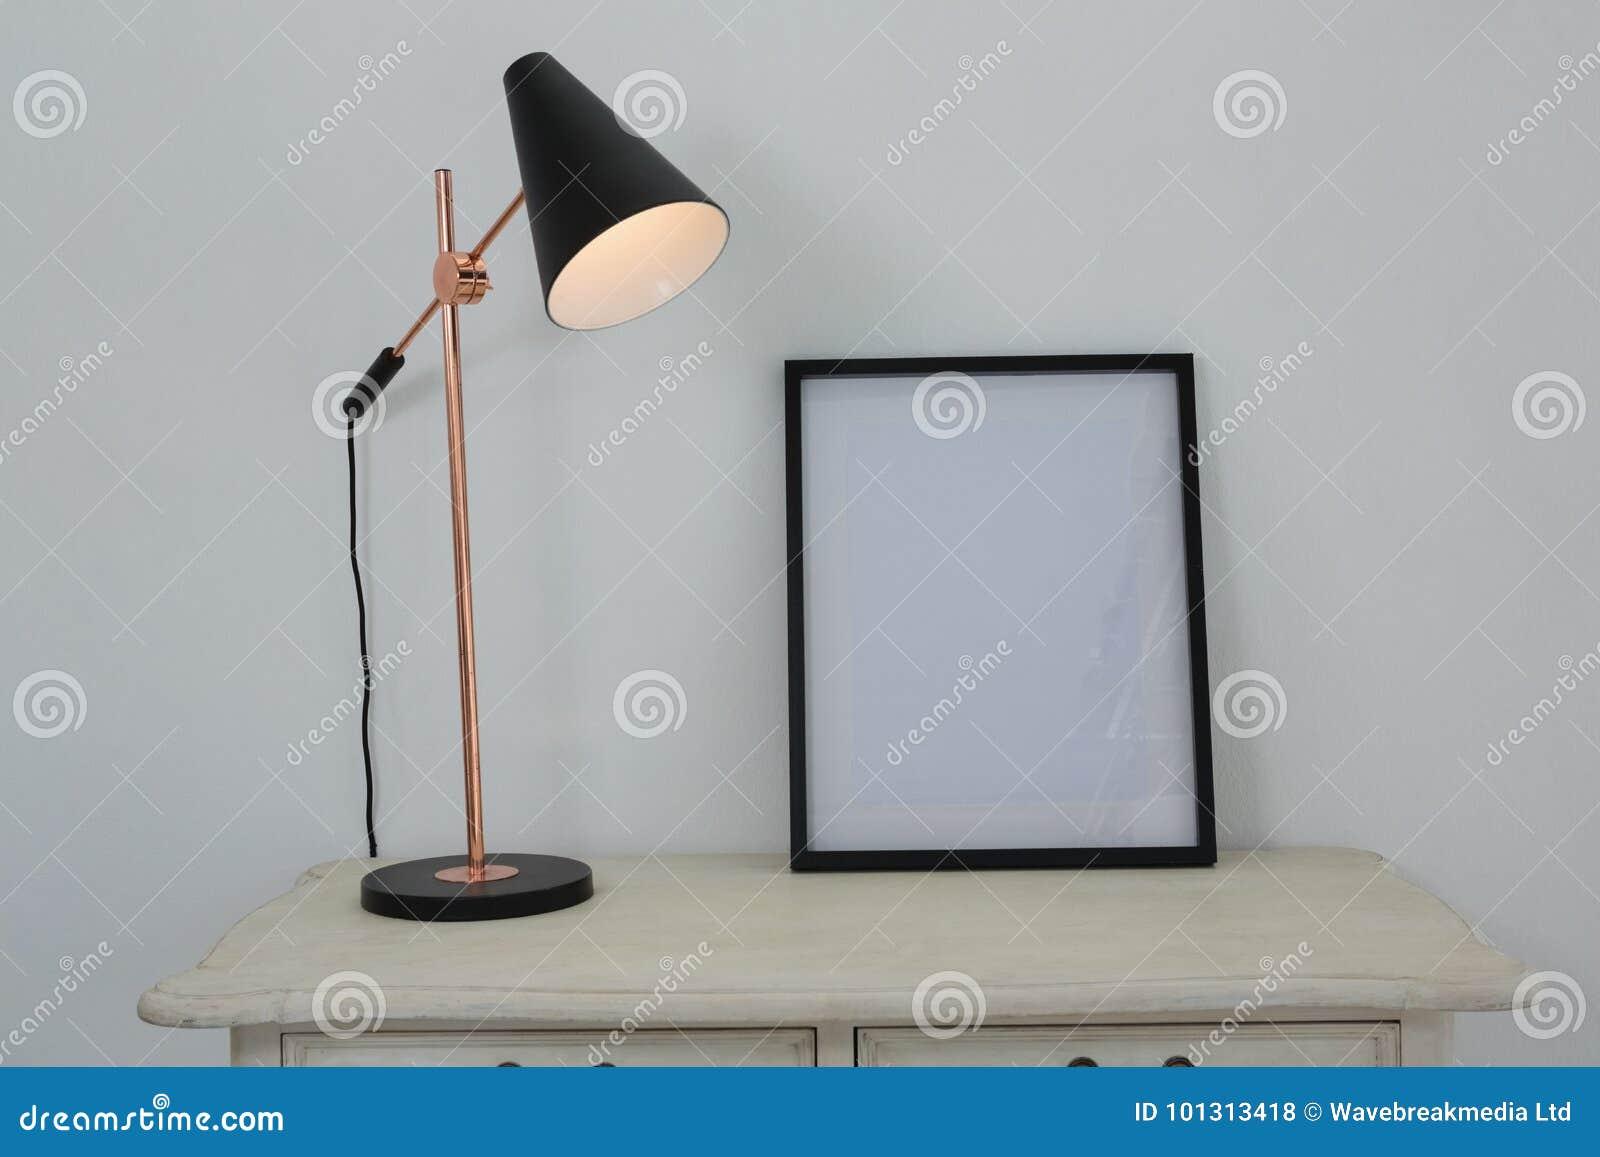 Bilderrahmen Und Belichtete Lampe Auf Tabelle Stockfoto - Bild von ...